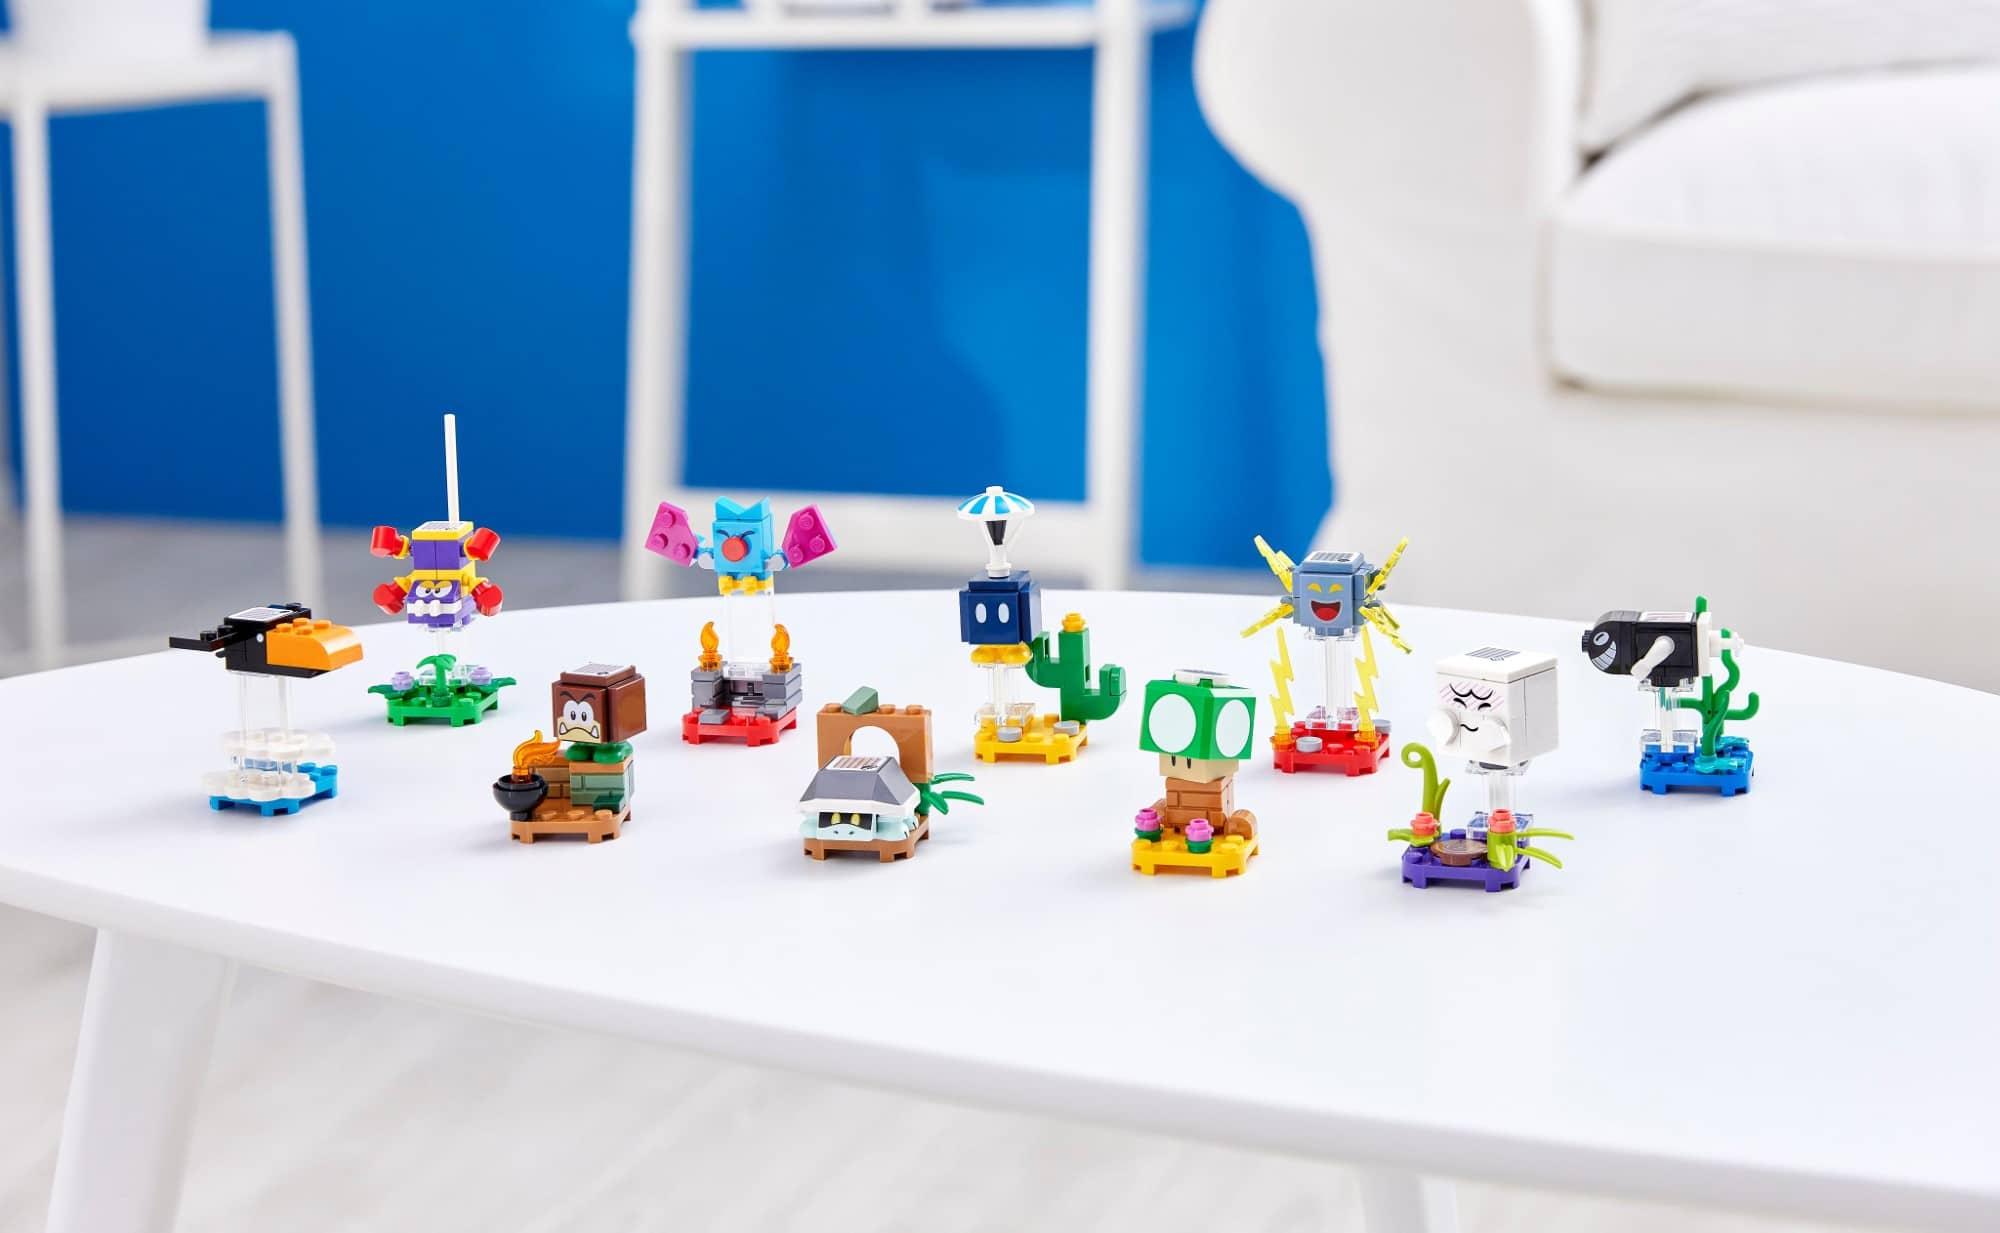 レゴ(LEGO) スーパーマリオ キャラクター パック シリーズ3 71394